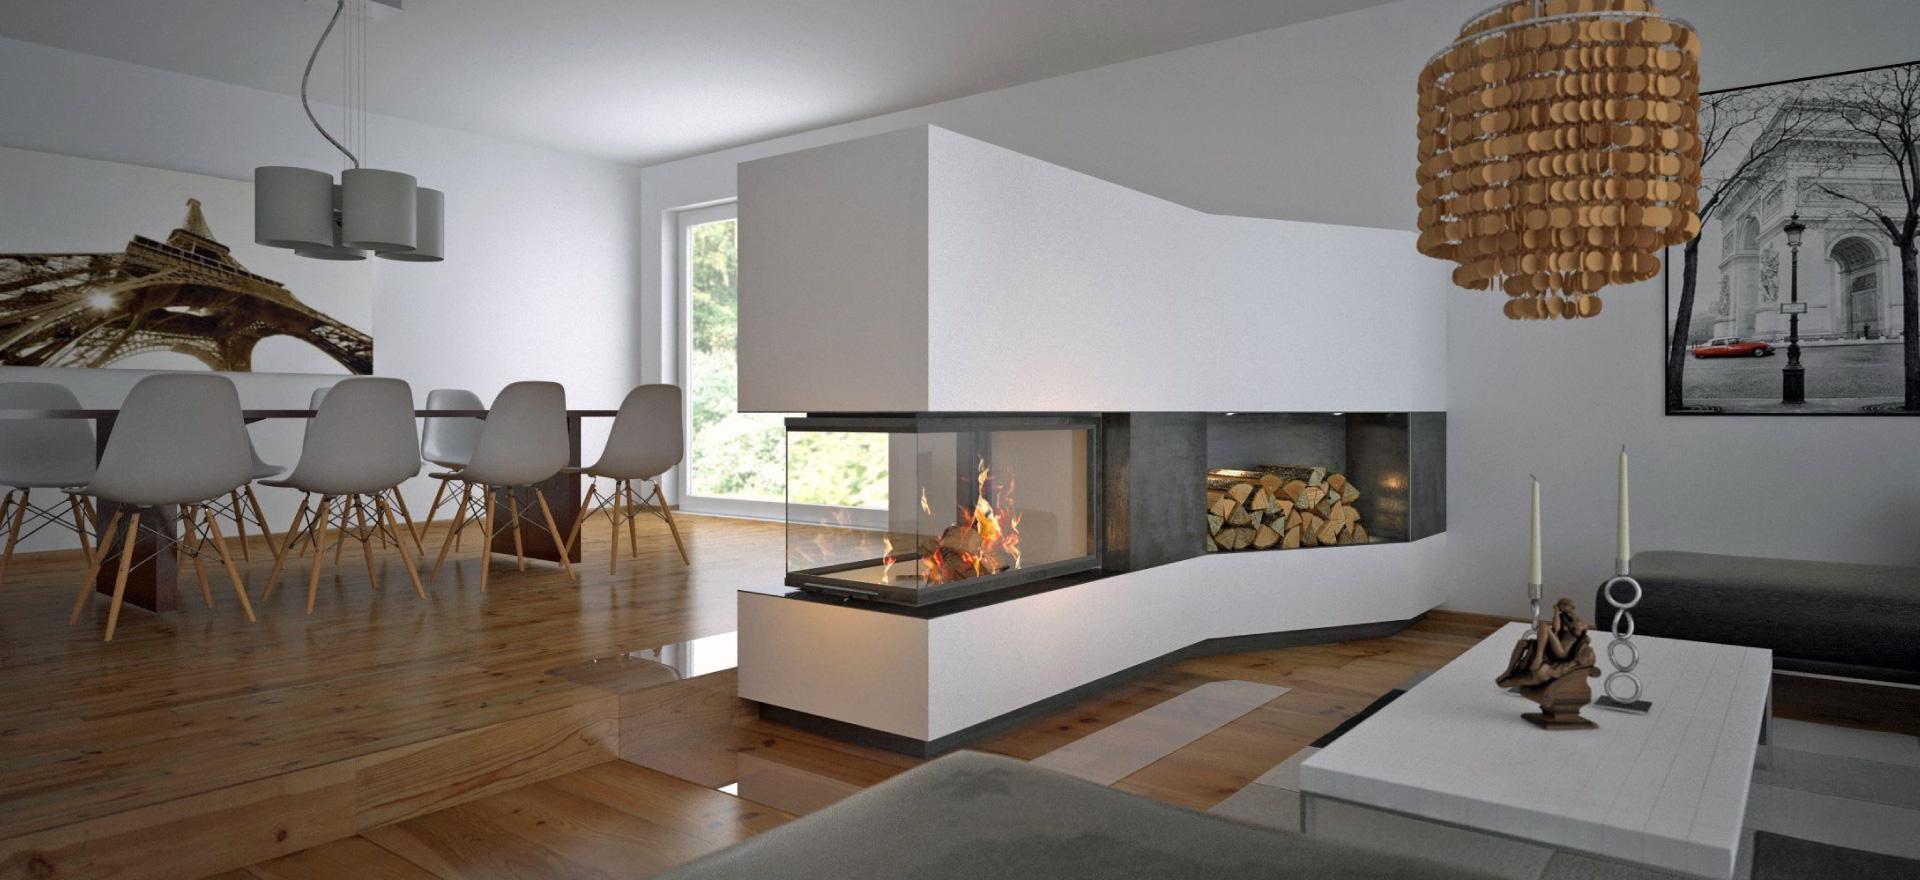 kamin wohndesign. Black Bedroom Furniture Sets. Home Design Ideas